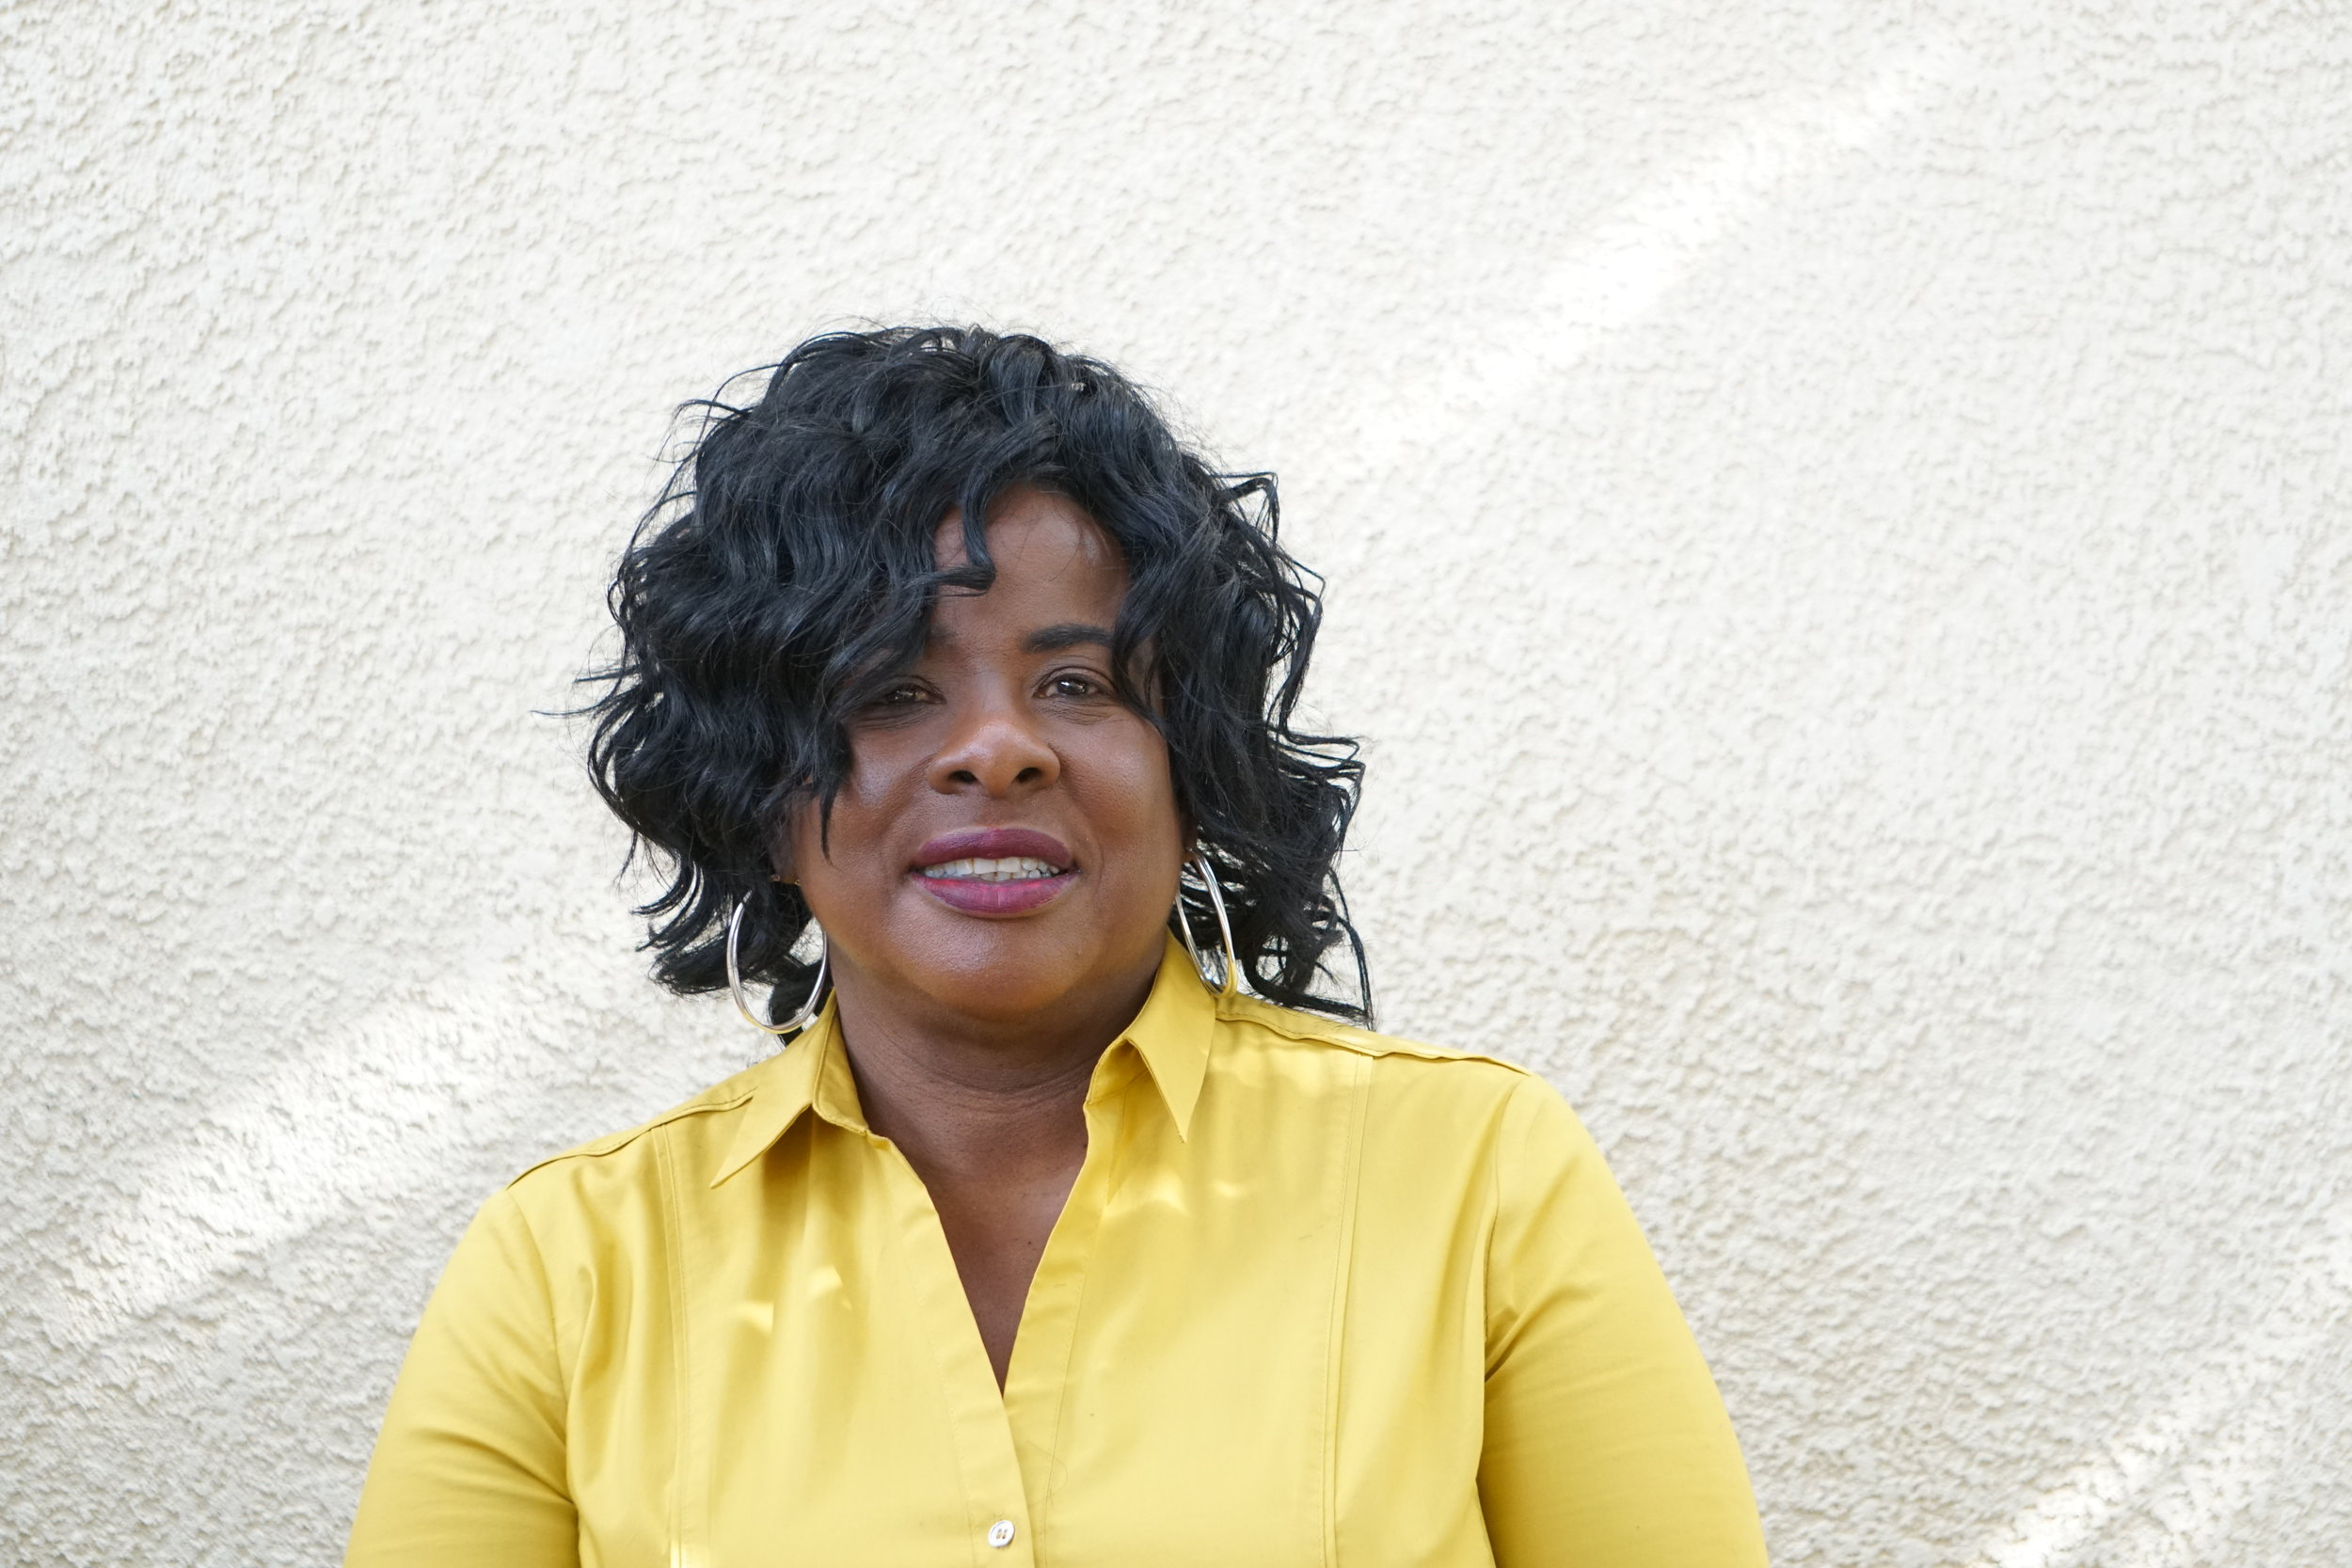 Wanda CrawfordCase Manager - wanda@preciouslifeshelter.org